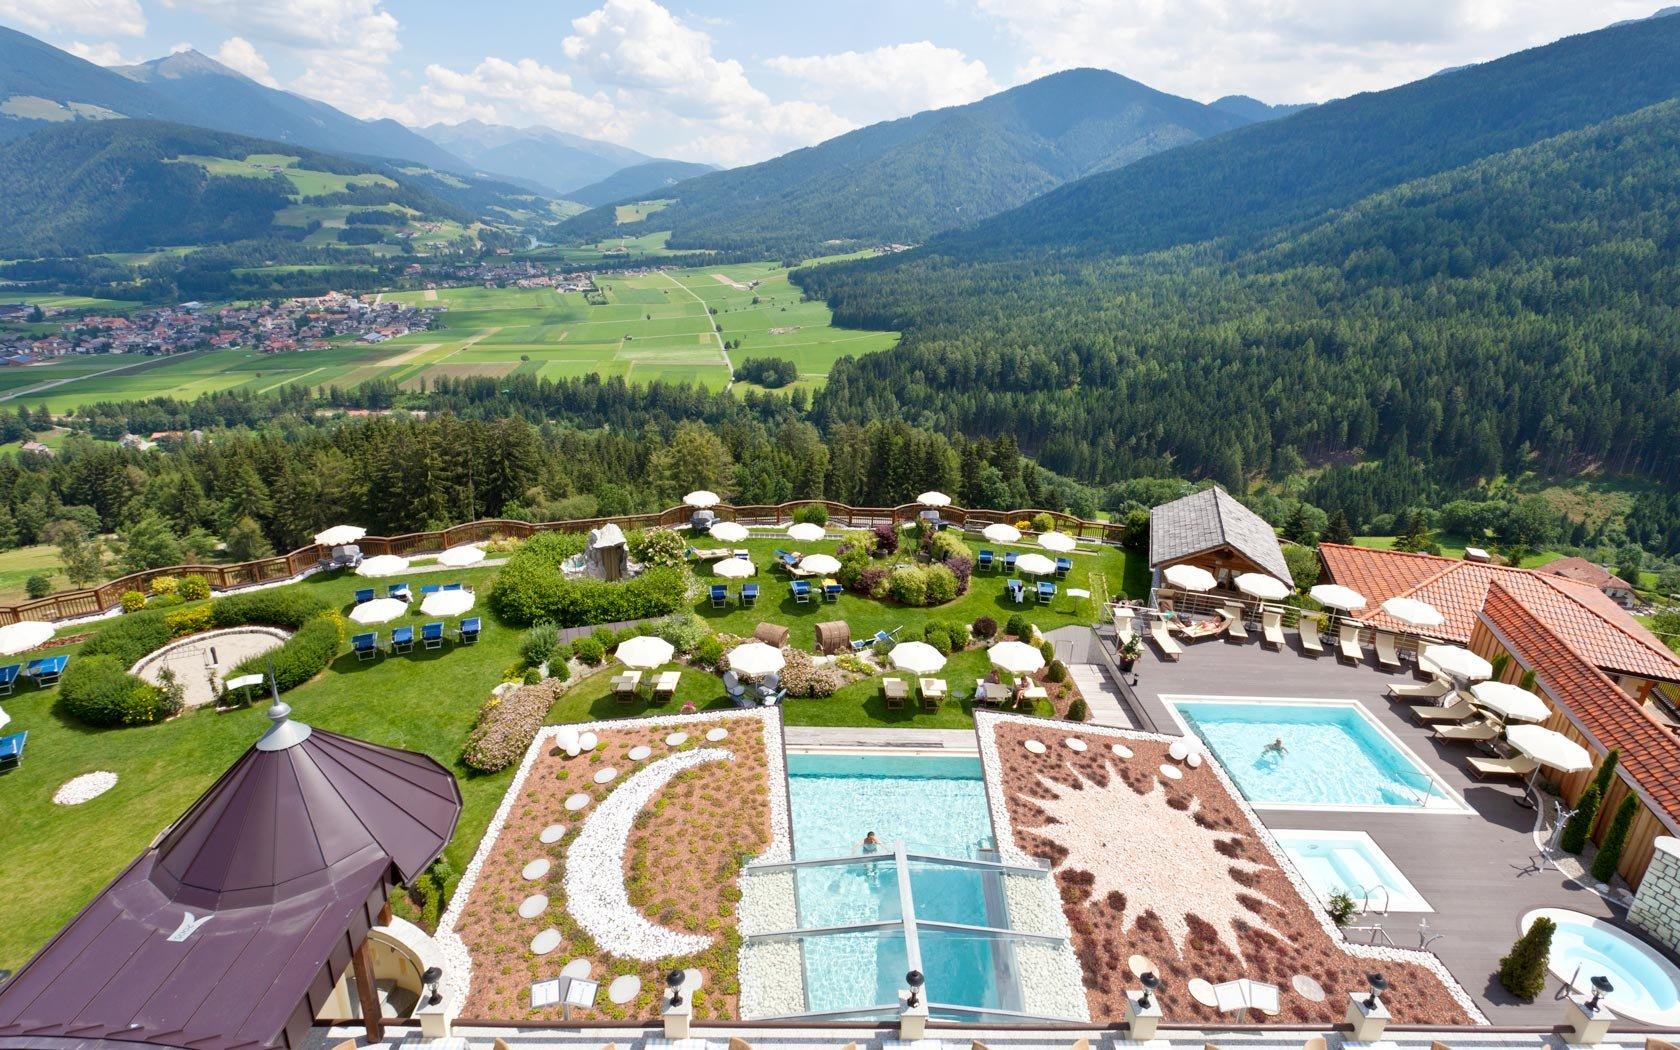 alpin-panorama-hotel-hubertus-marathipizza01